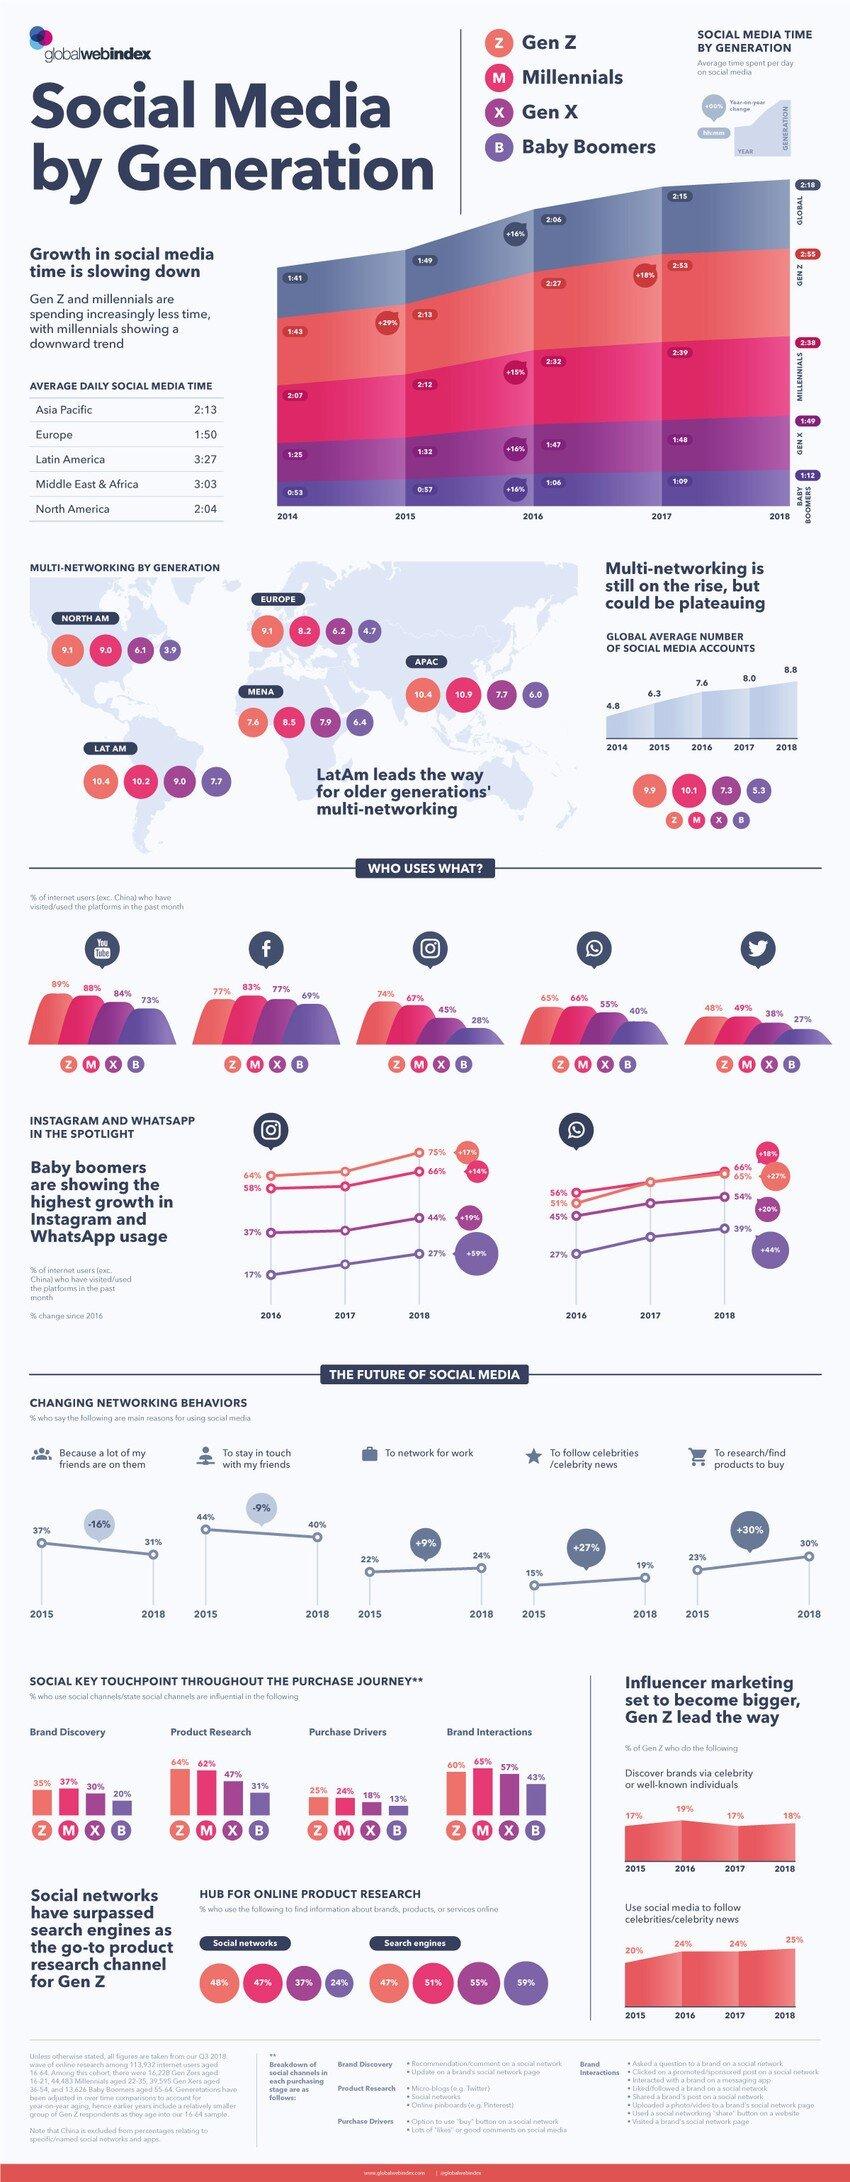 SocialMediaGenerations.jpg